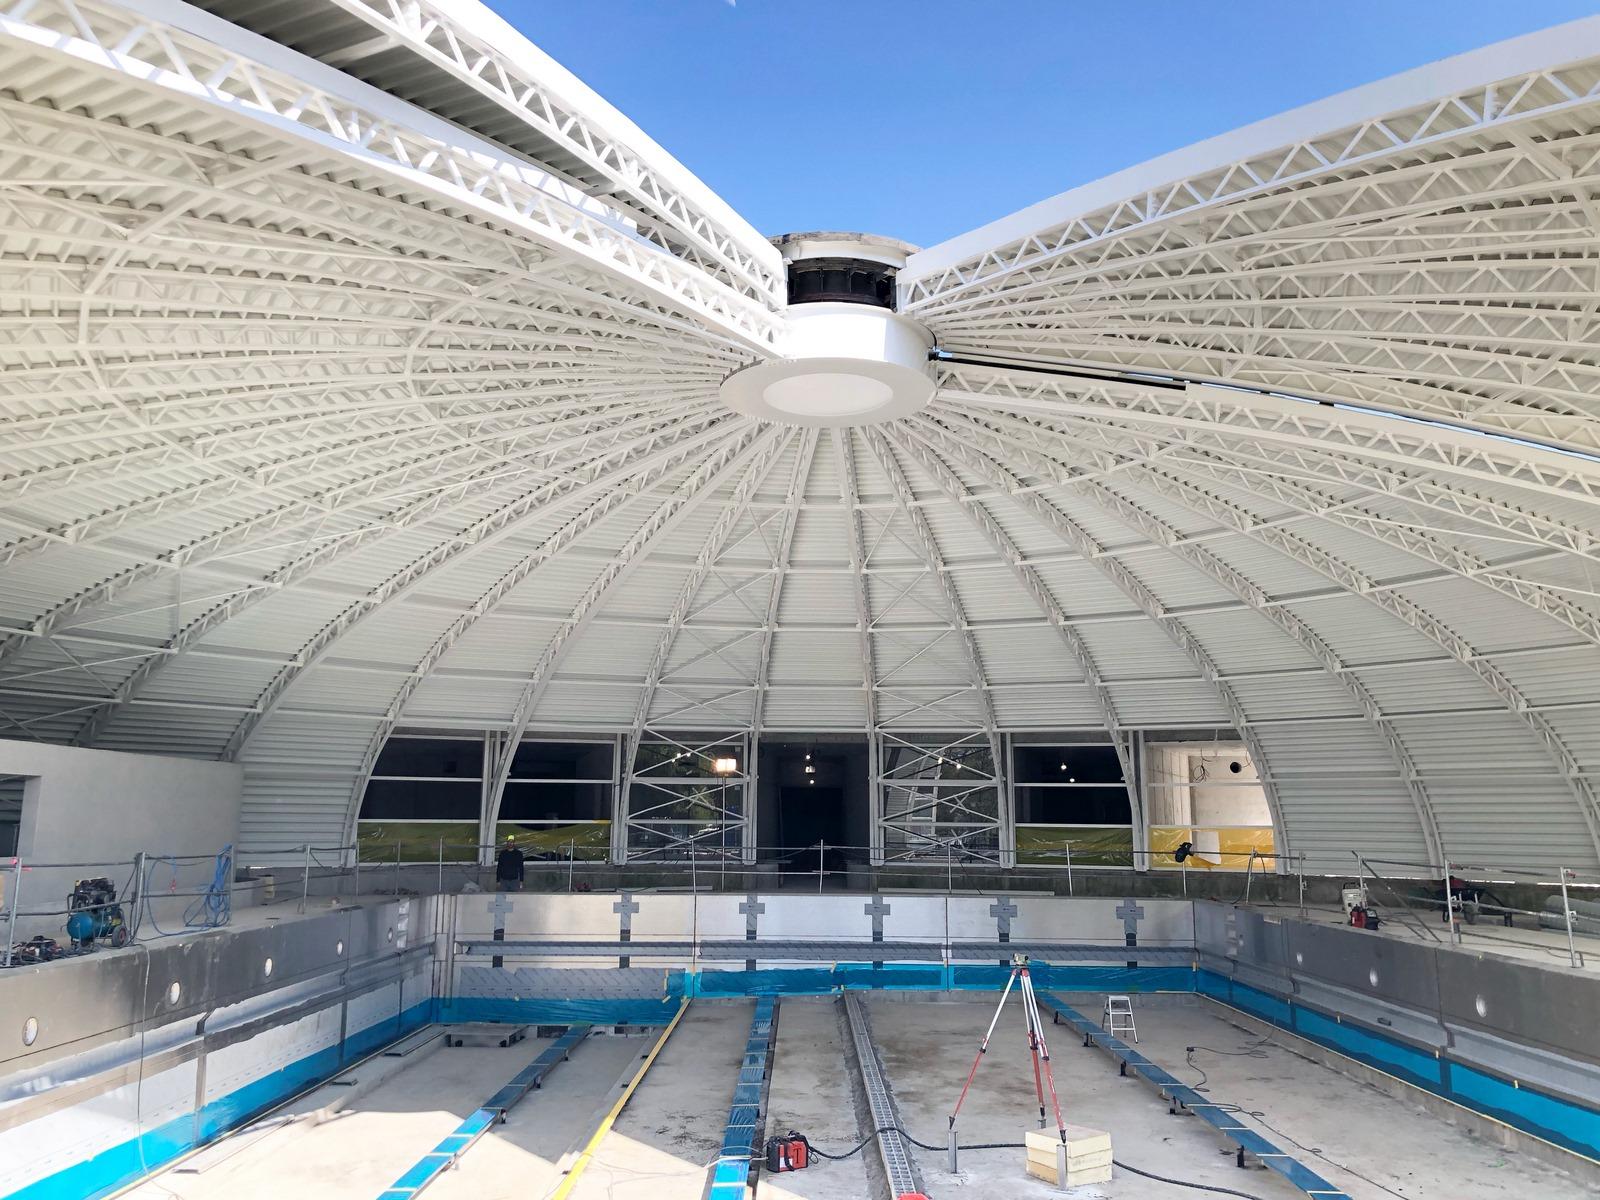 Réhabilitation piscine tournesol - les Abrets - Z Architecture - chantier